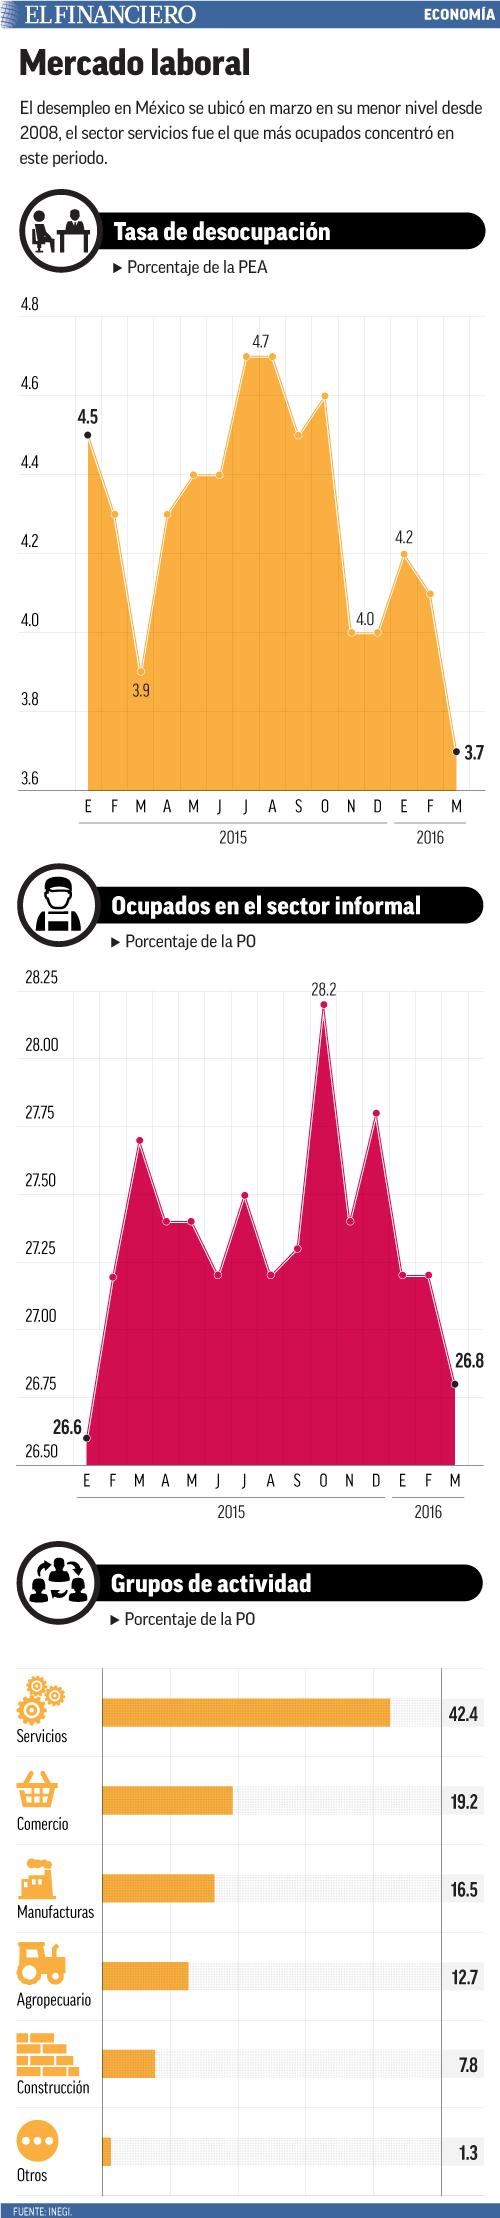 El desempleo en México se ubicó en marzo en su menor nivel desde 2008, el sector servicios fue el que más ocupados concentró en este periodo.